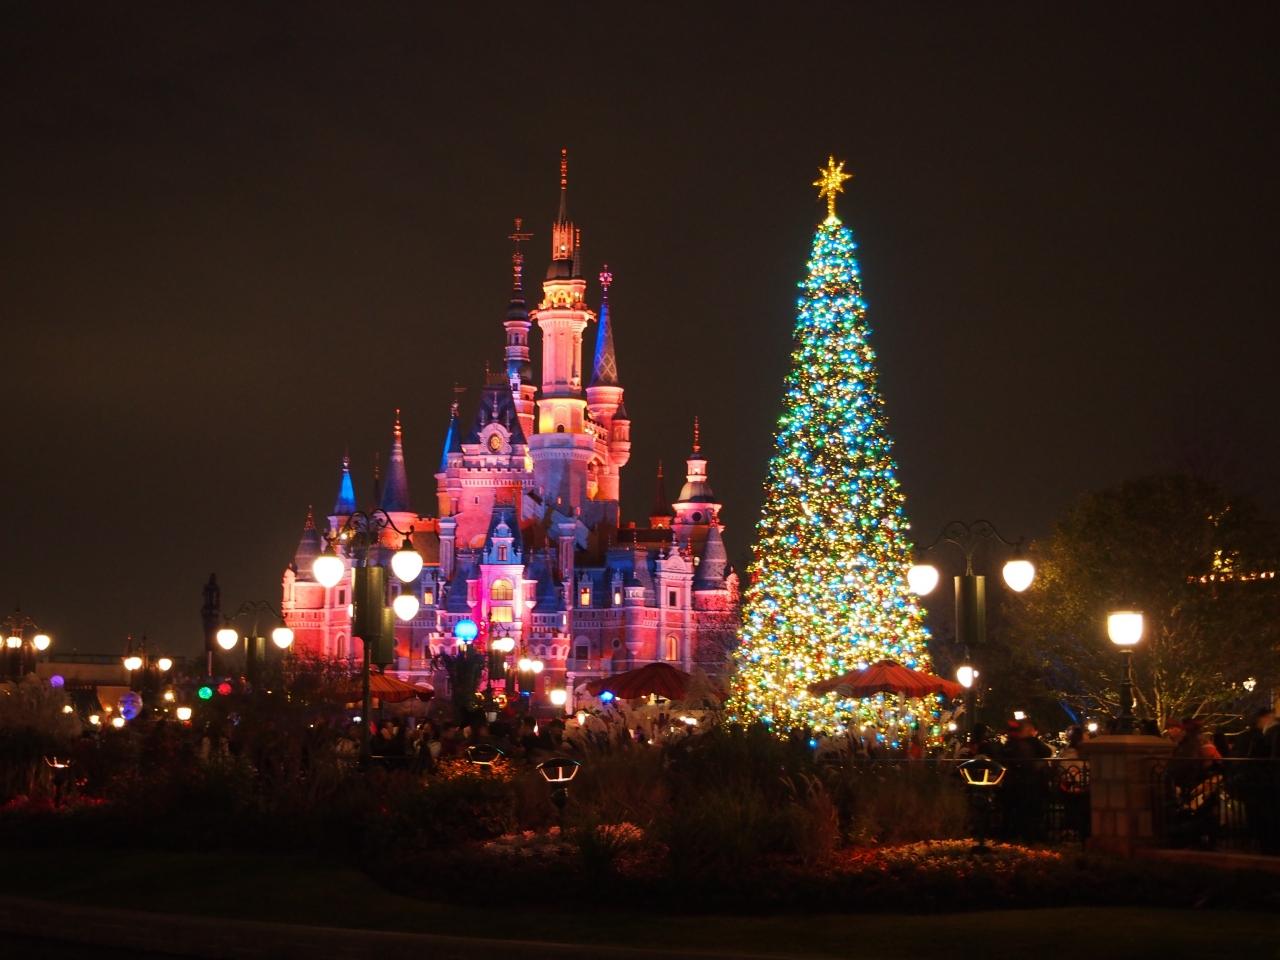 クリスマスin上海ディズニーランド上海中国の旅行記ブログ By